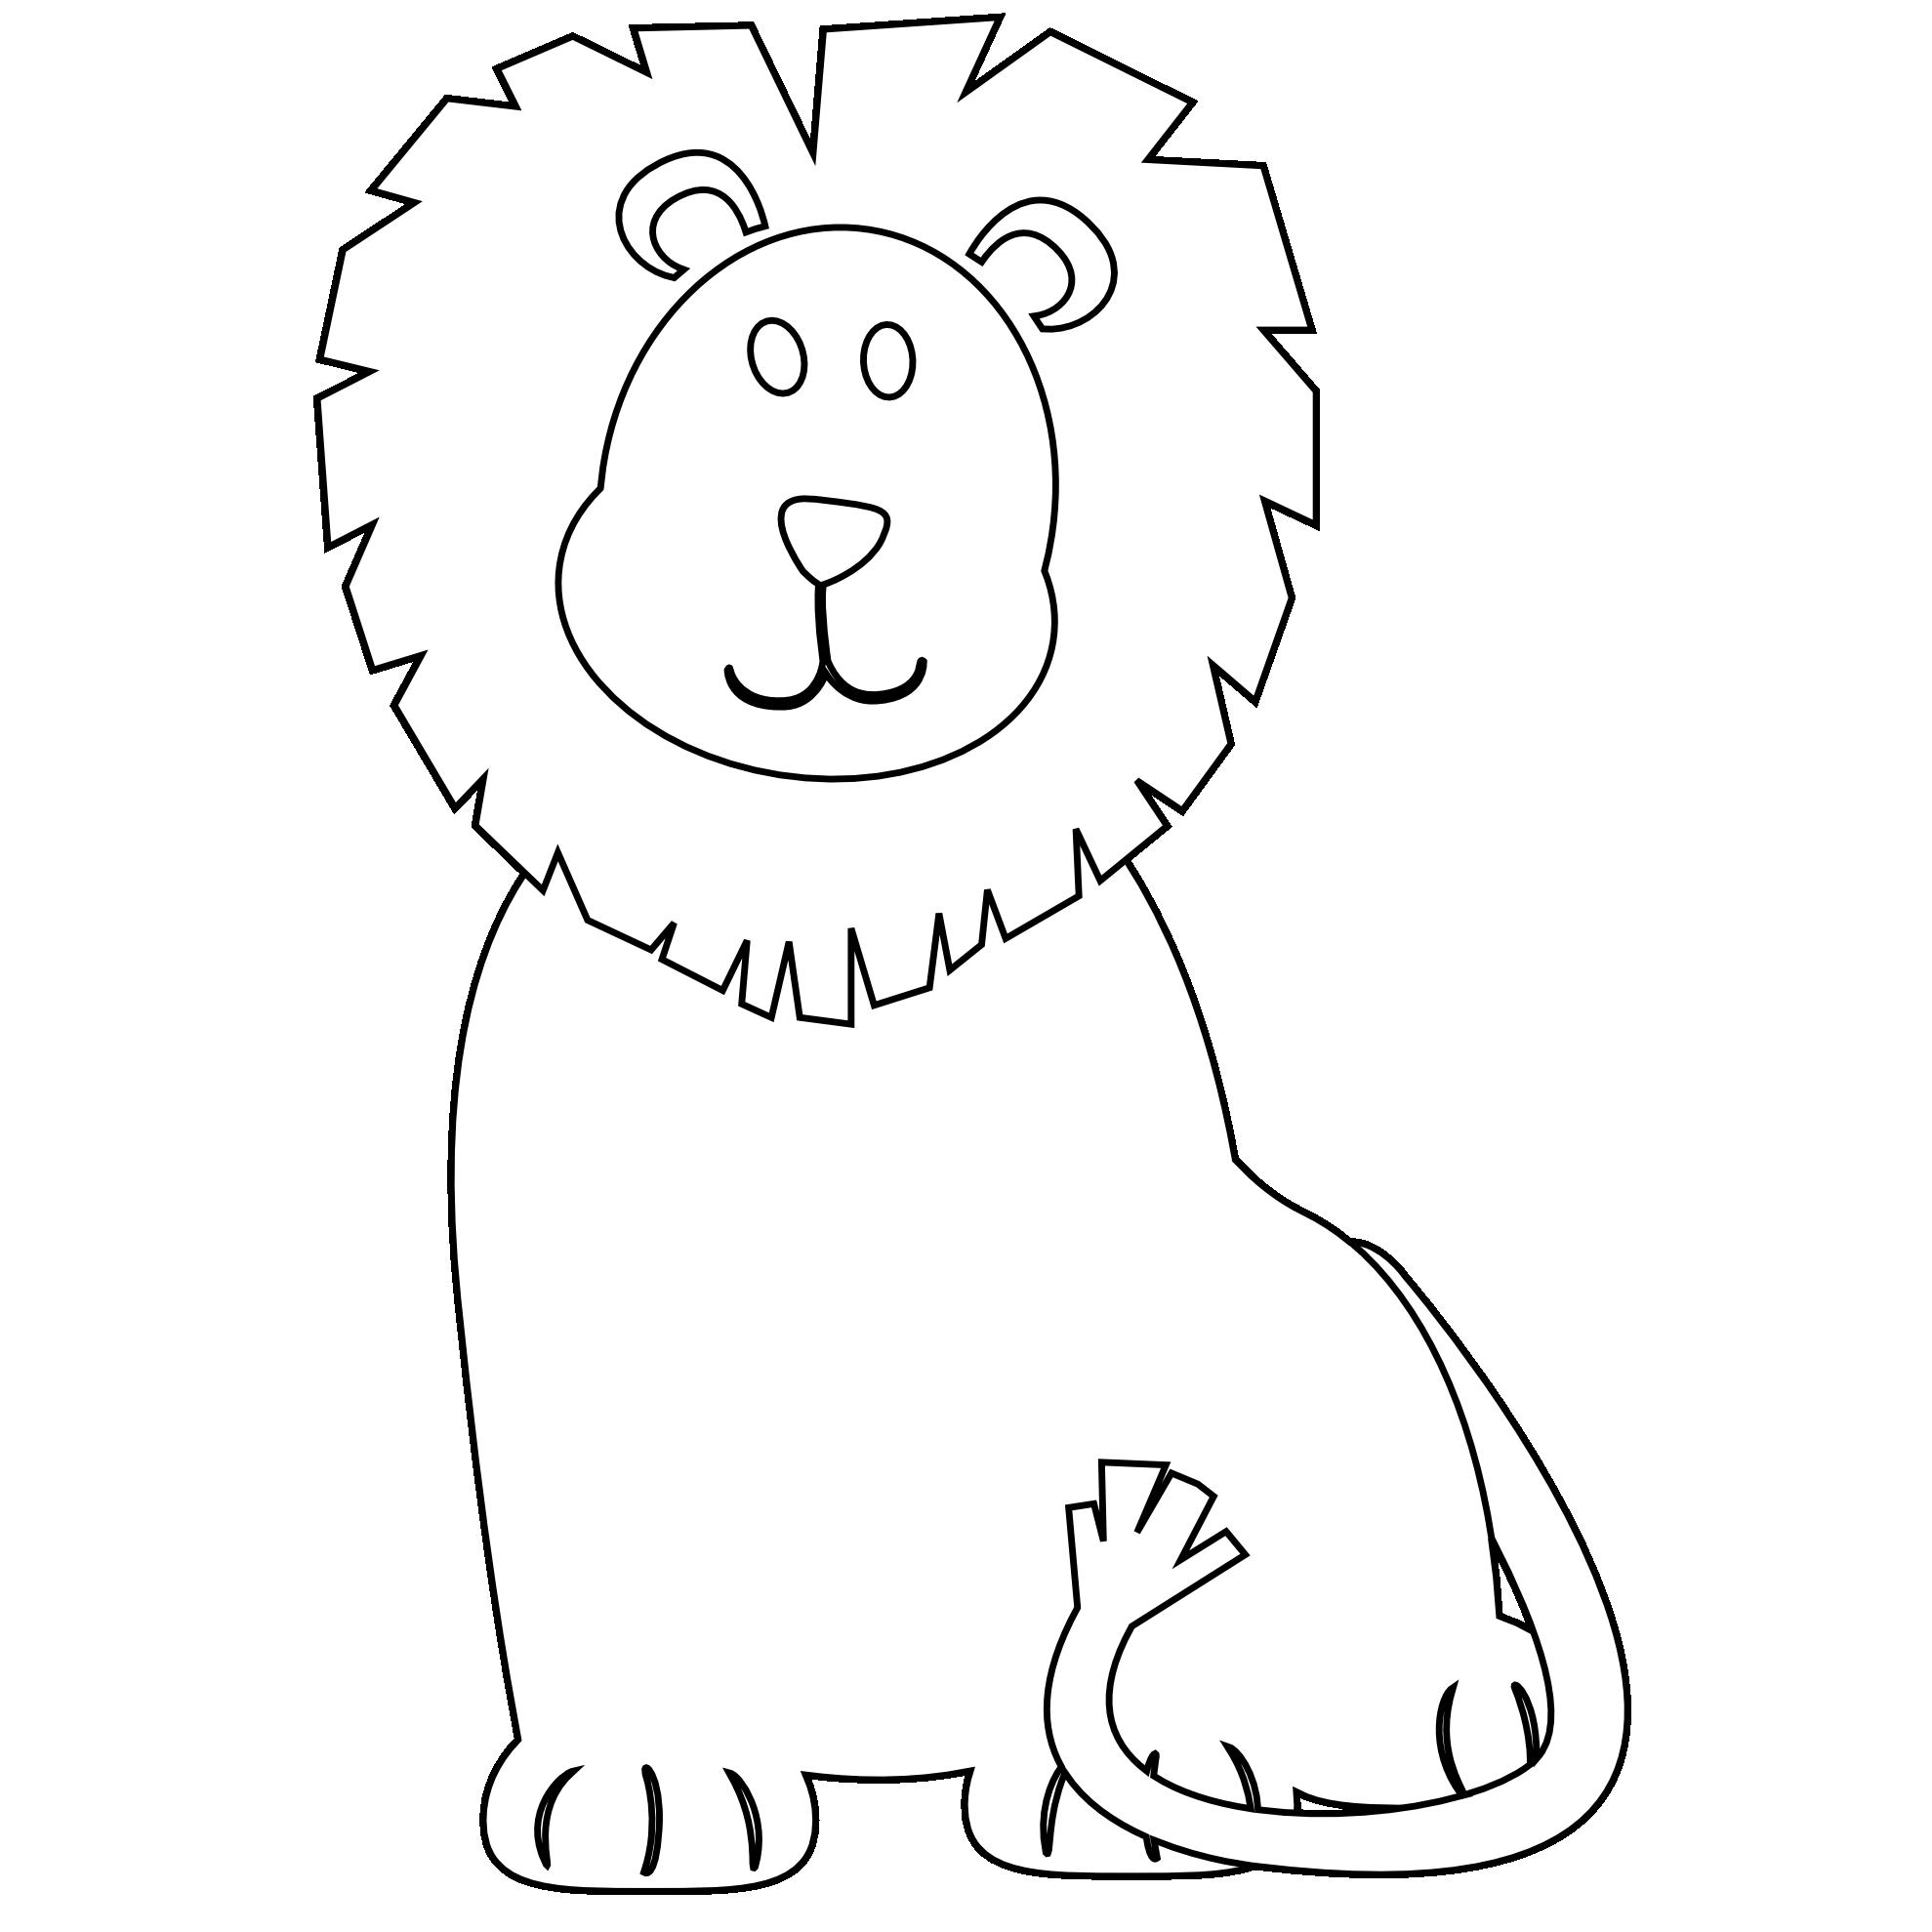 Panda free images loinclipart. Lion clipart loin